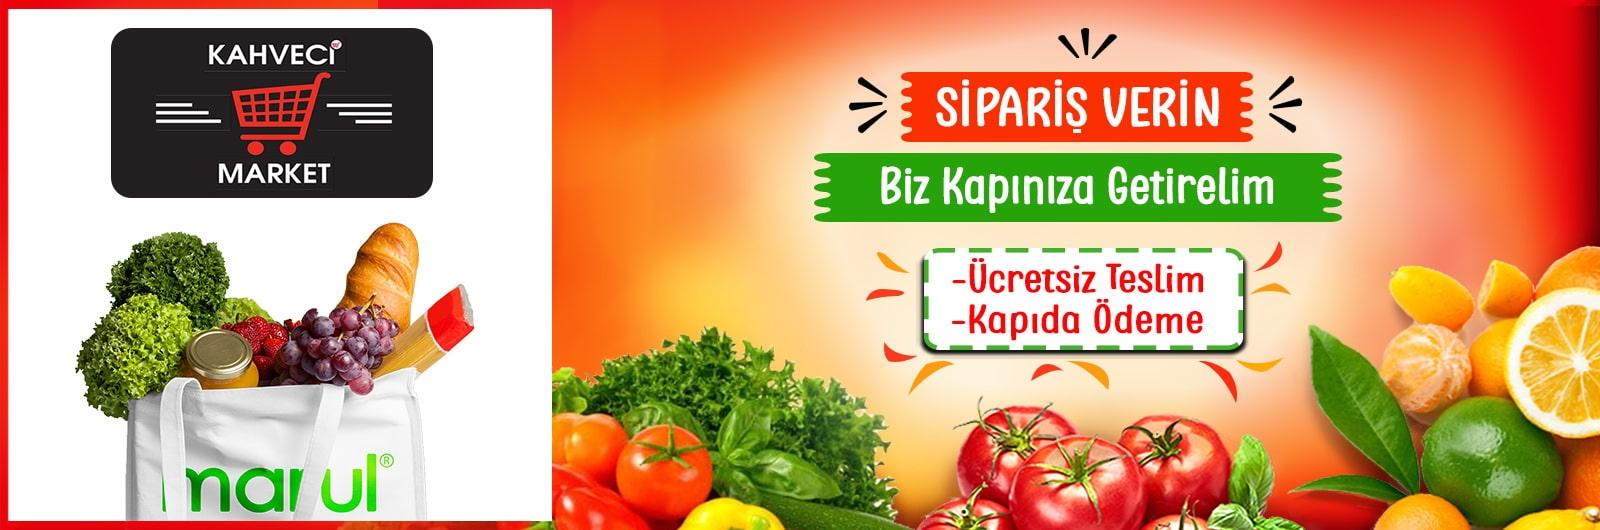 Ankara Kahveci Market Online Sipariş